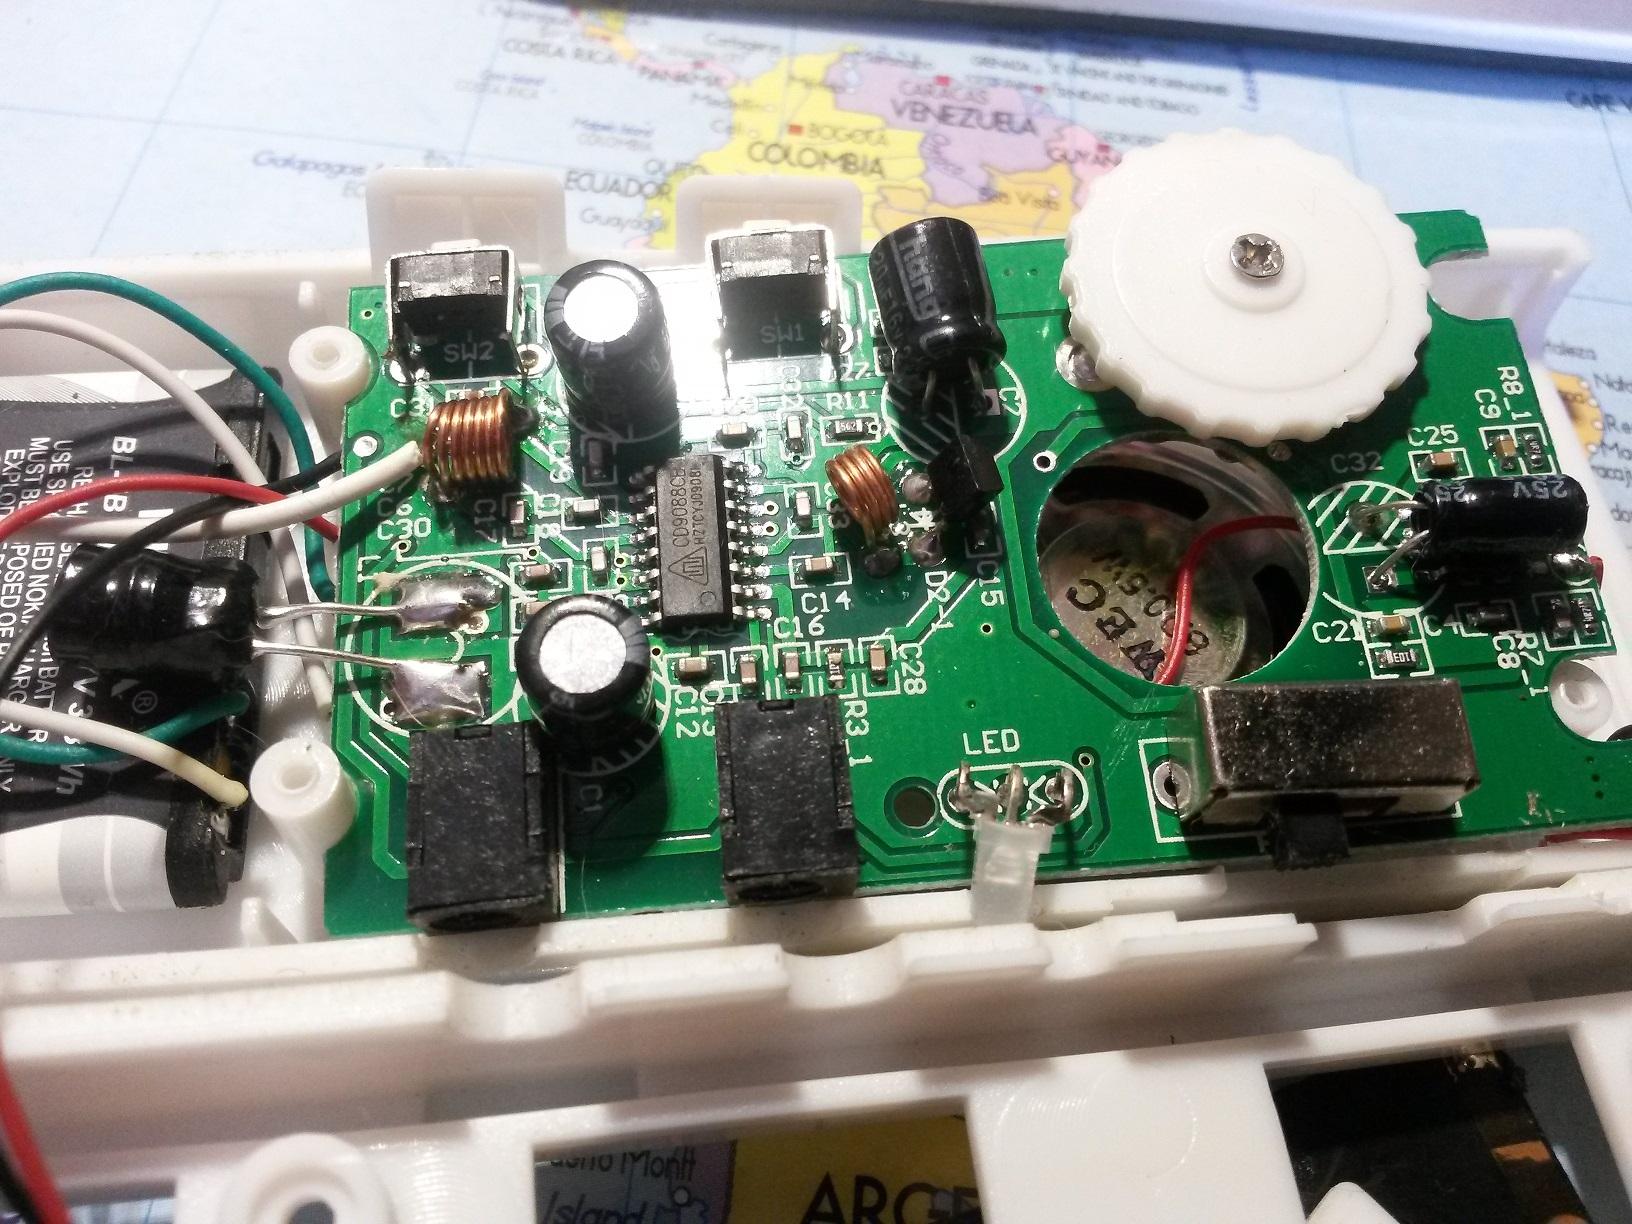 Та8164р с электронной настройкой в трёх вариантах: на одной микросхеме с наушниками